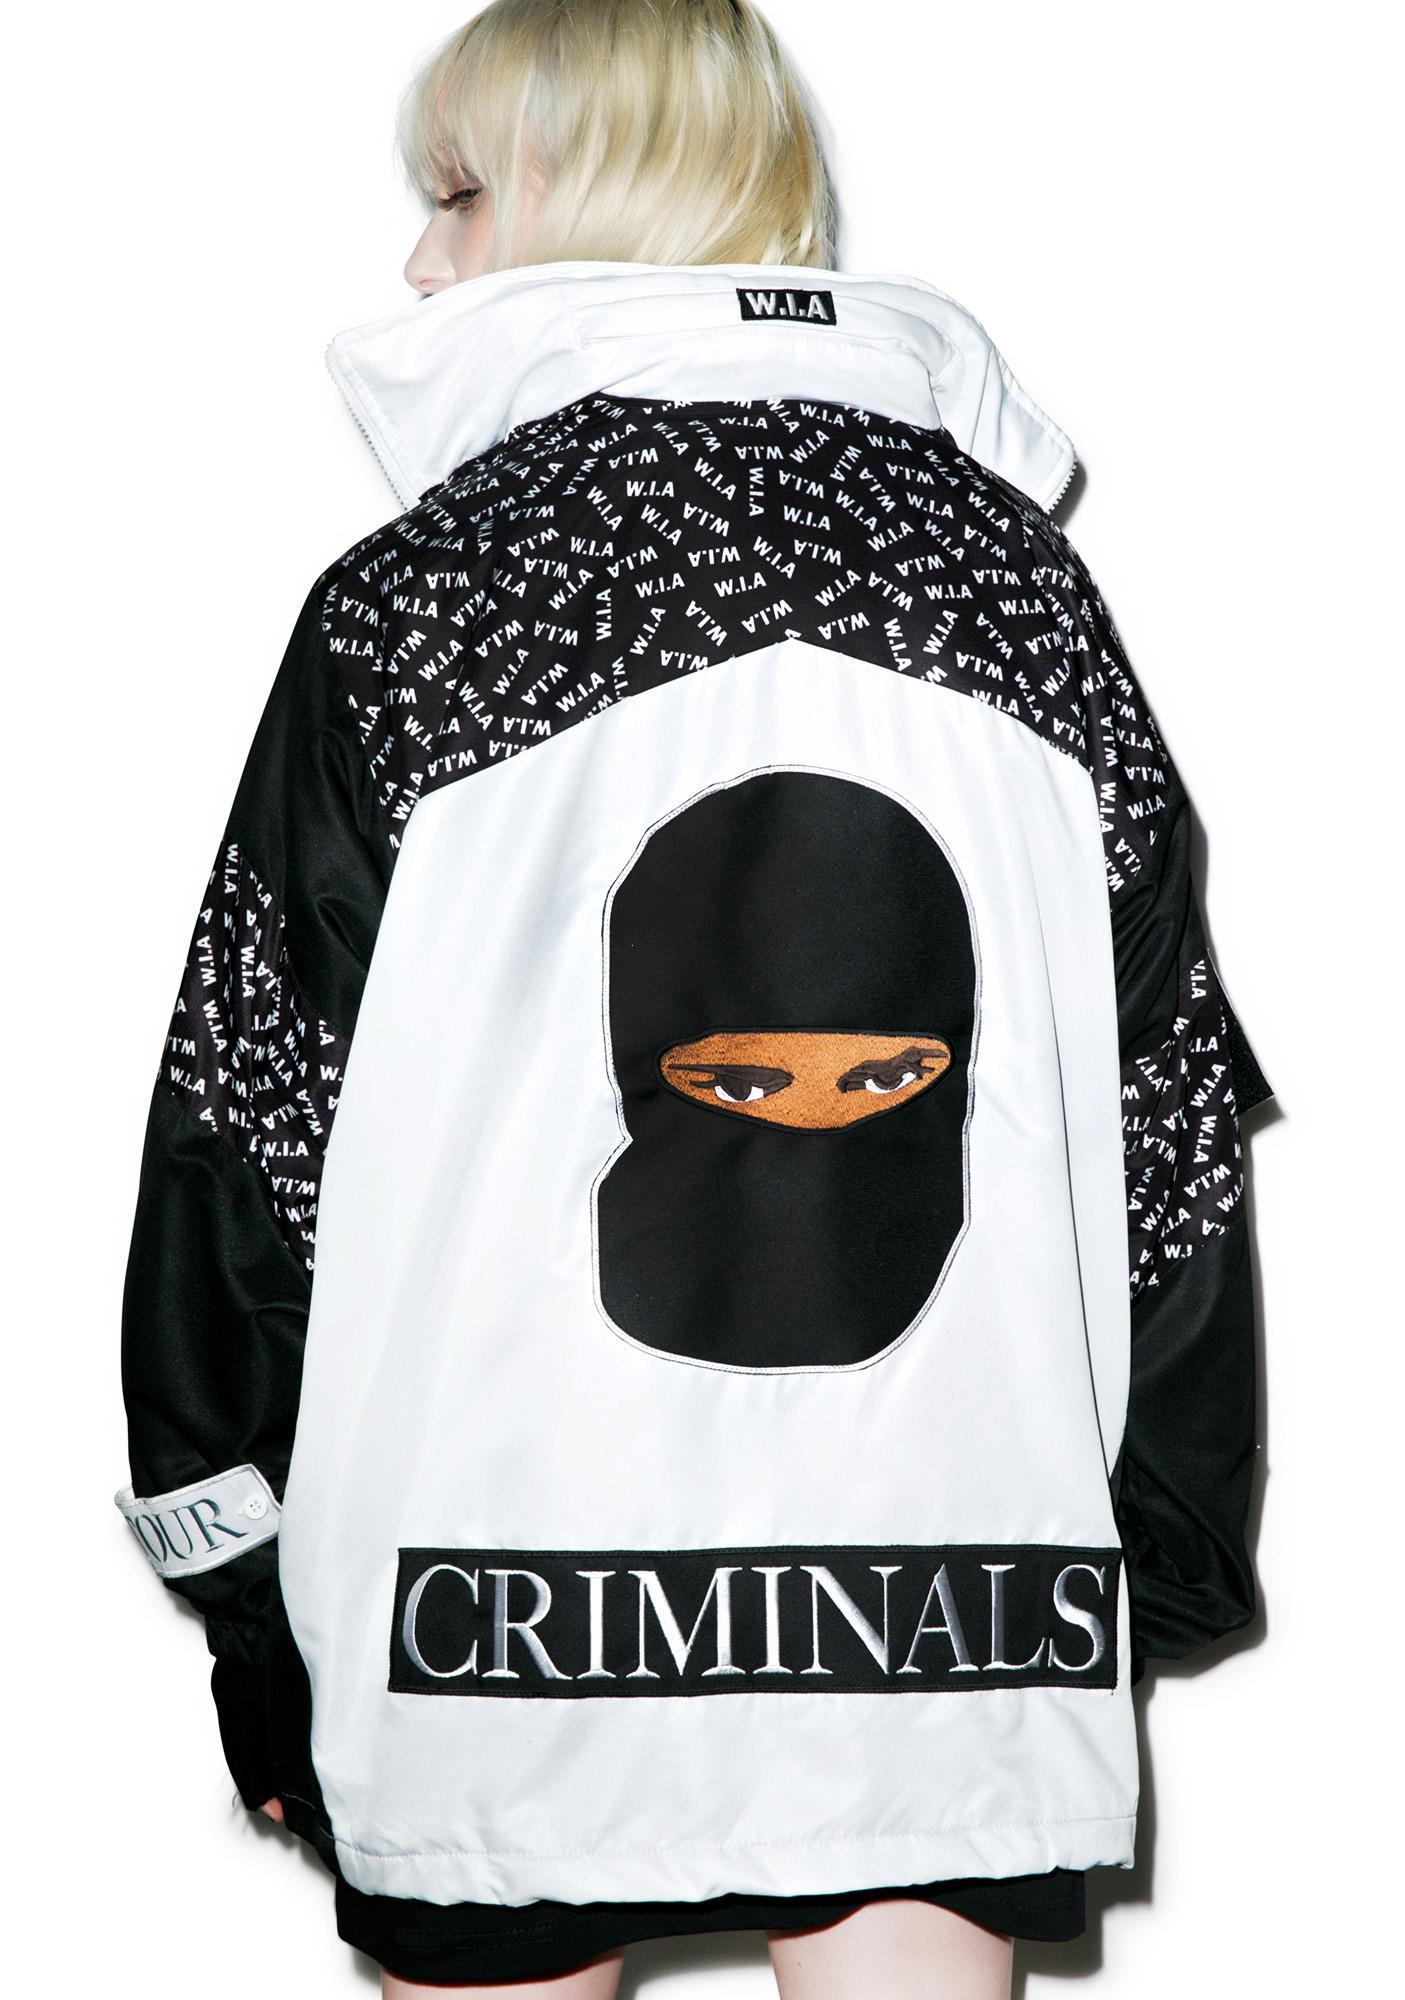 W.I.A Criminals White Jacket